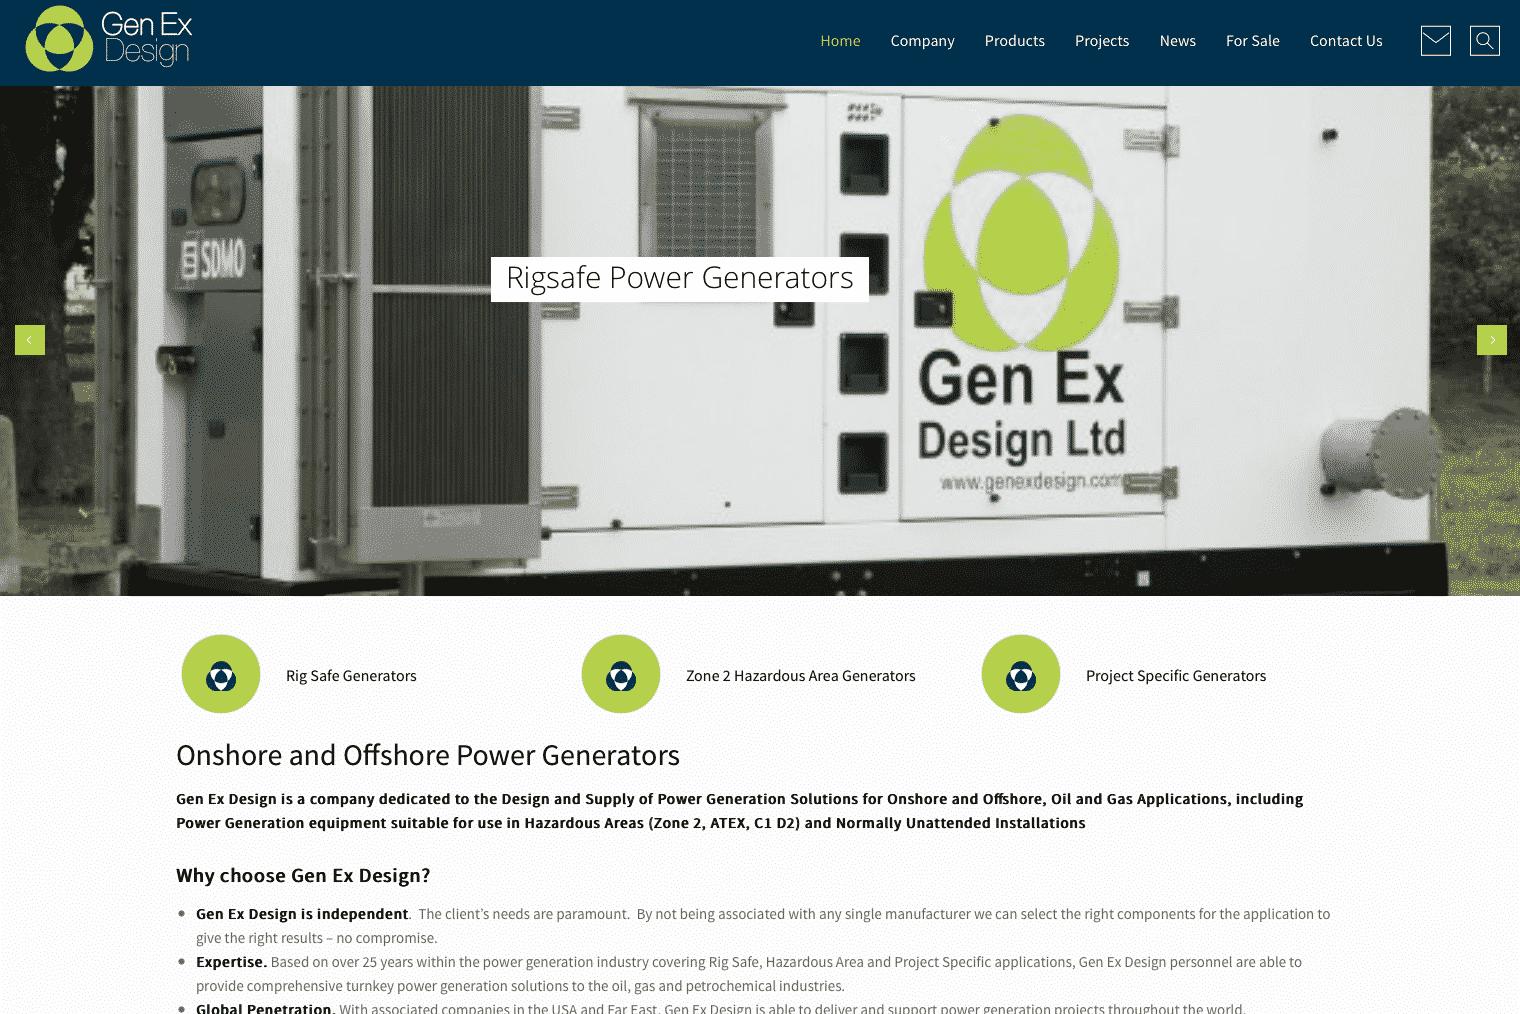 genexdesign.com